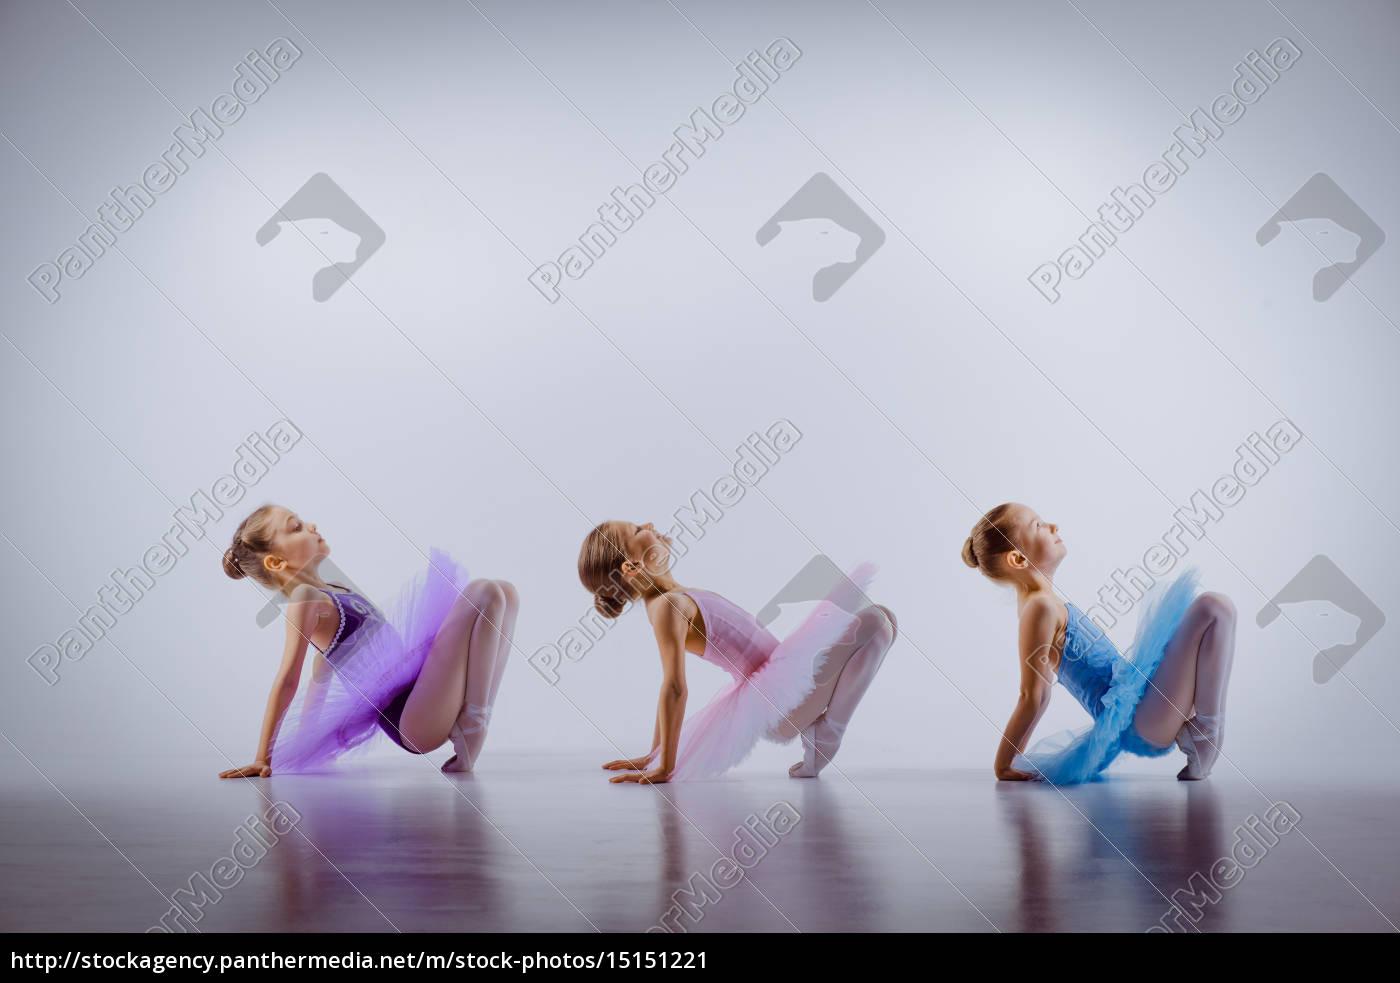 drei, kleine, mädchen, in, ballettröckchen, sitzen - 15151221